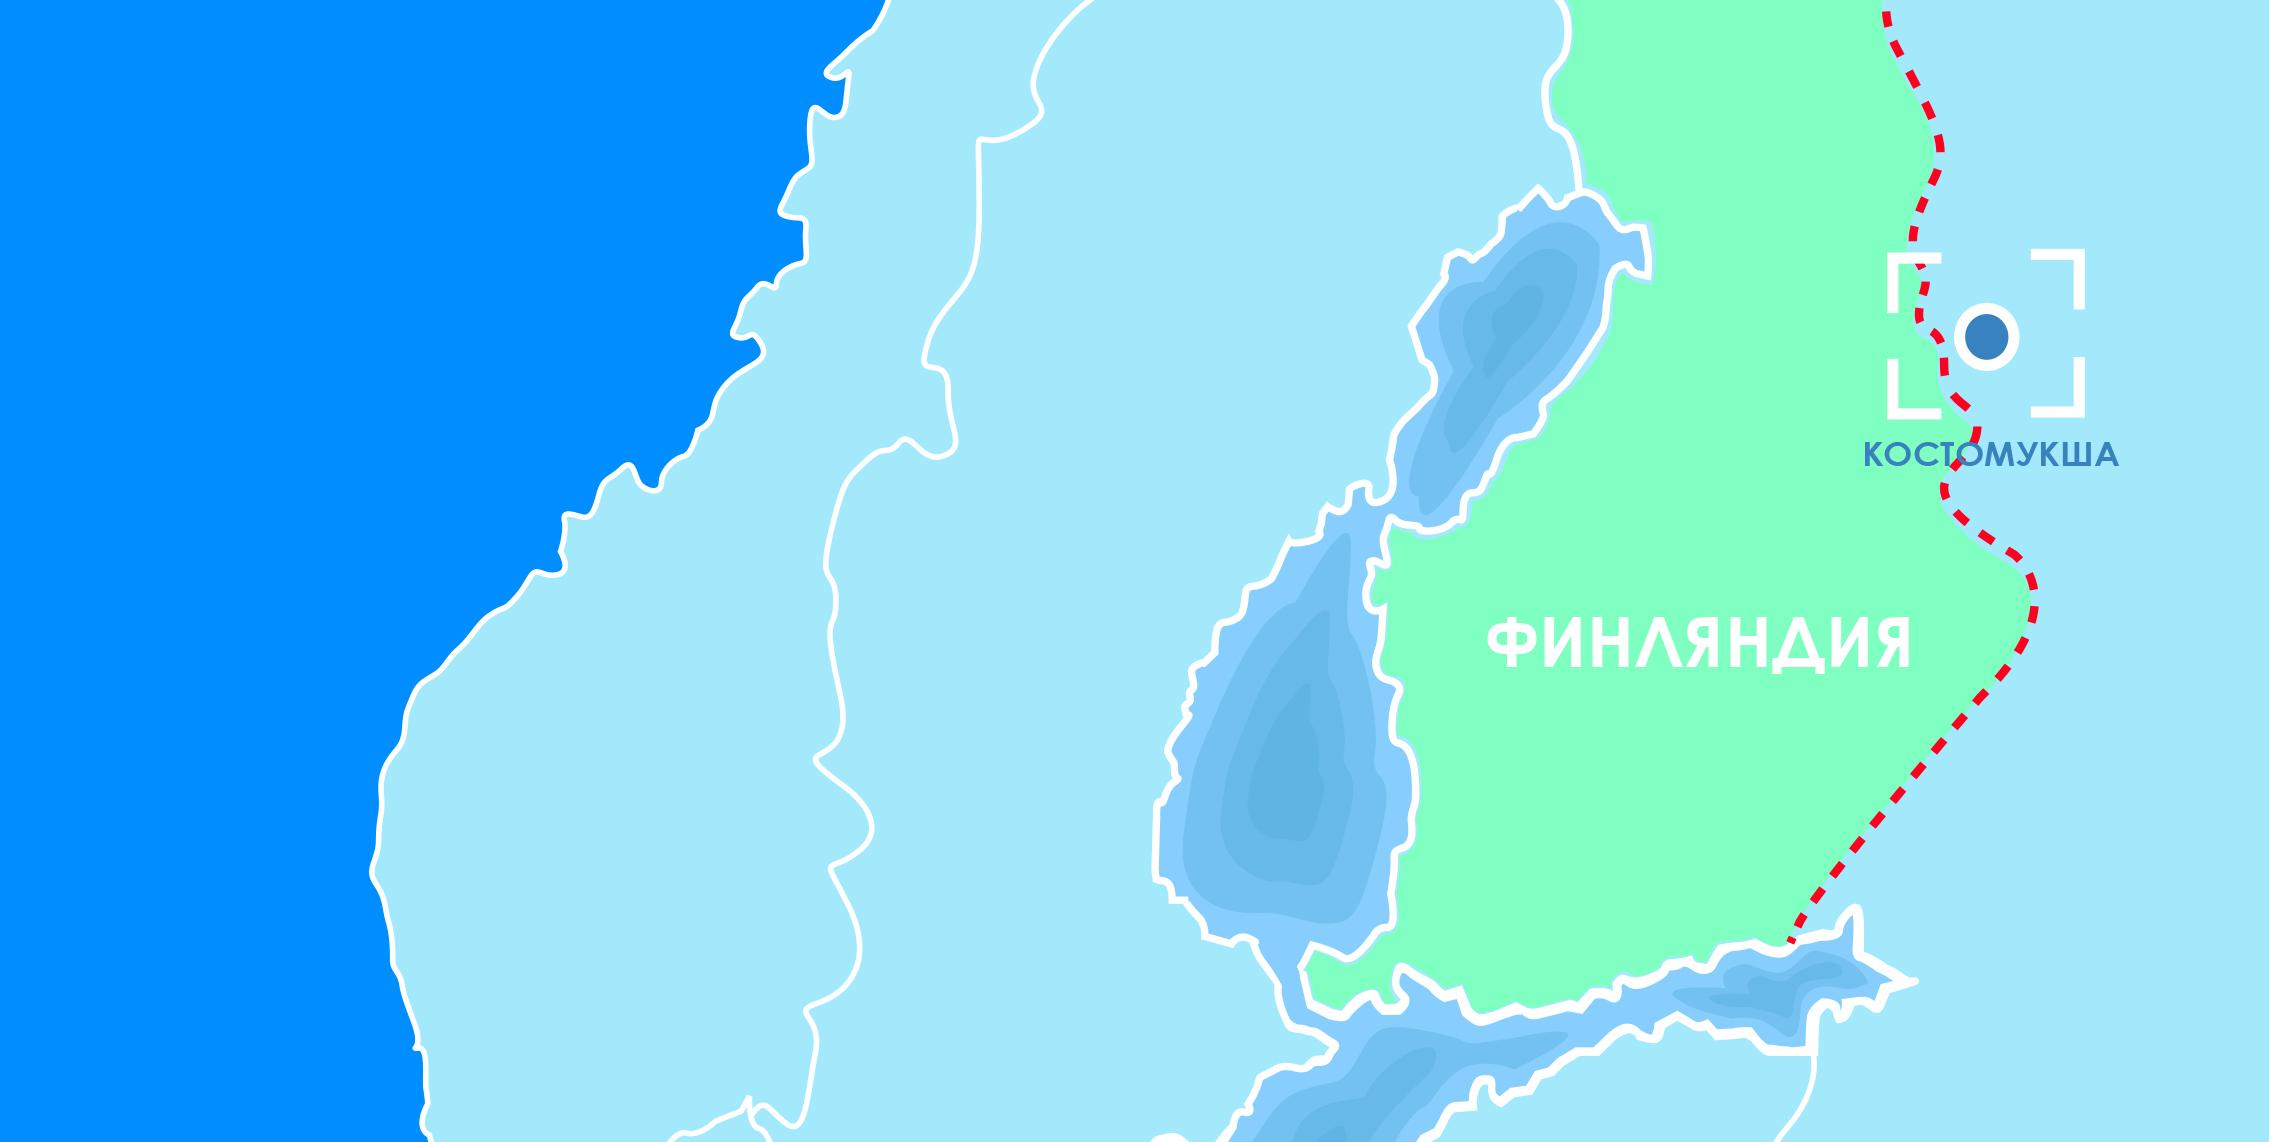 Финляндия шапка